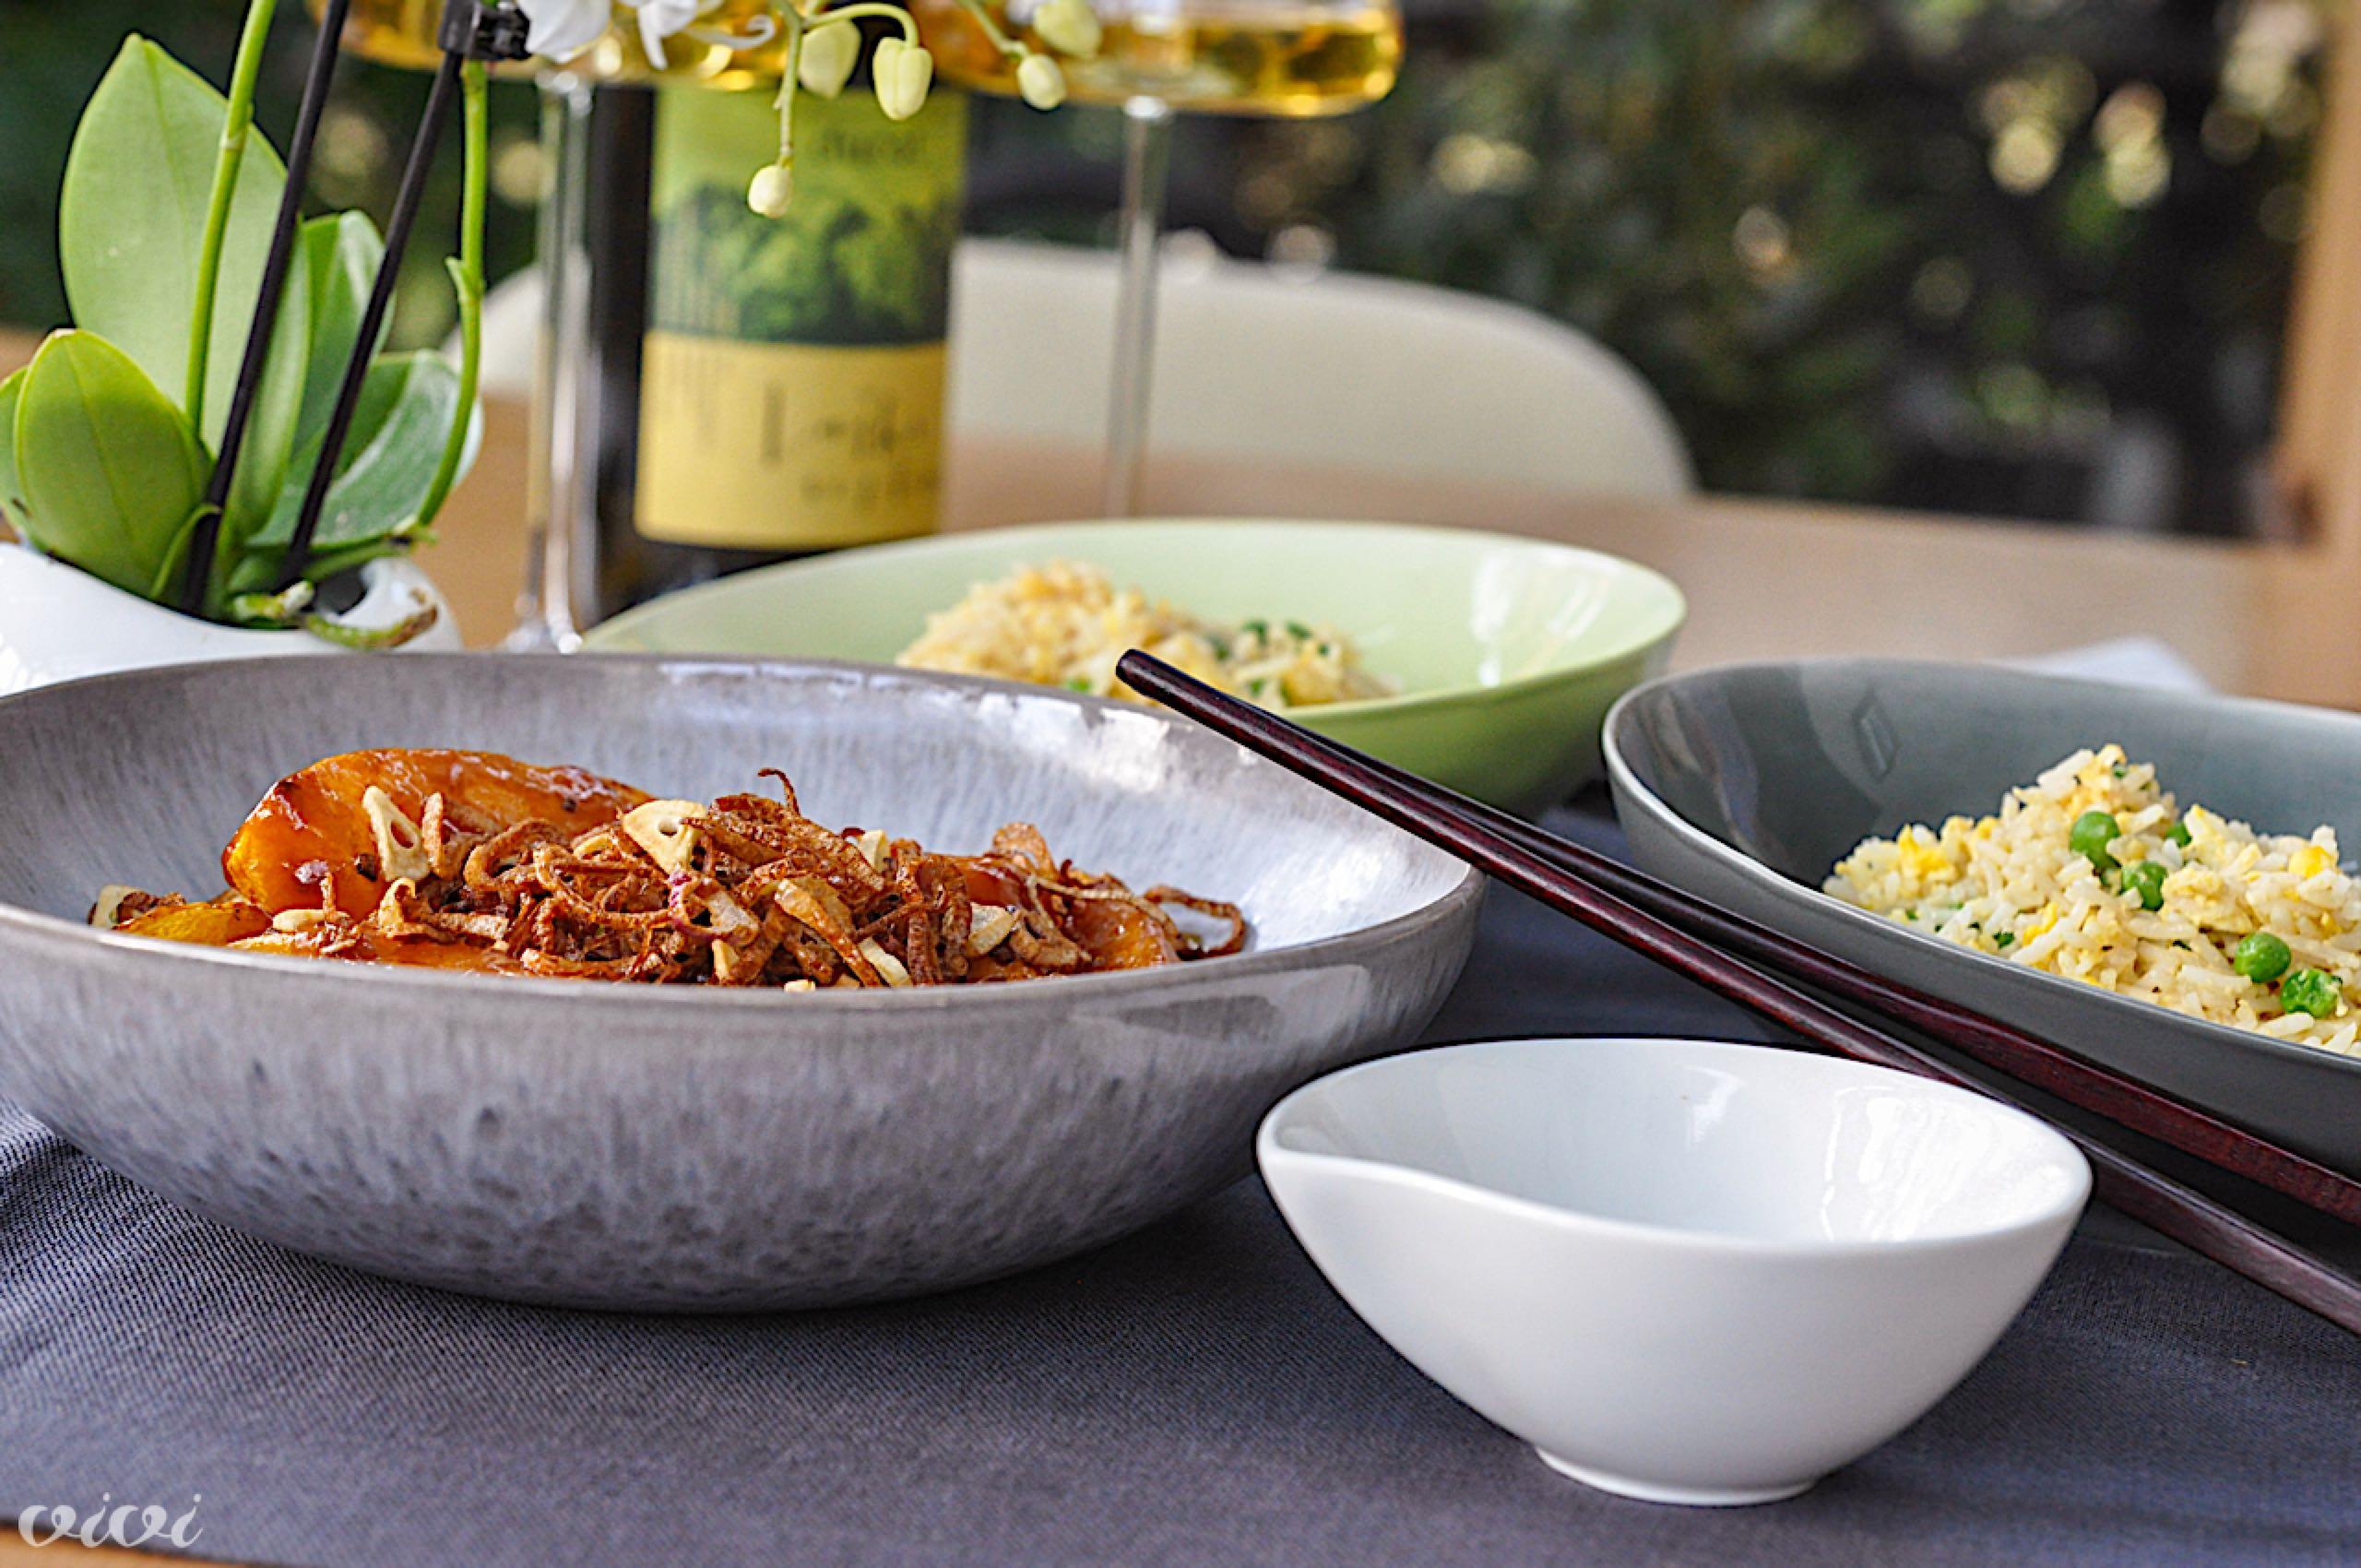 buča z miso glazuro in pečen riž4